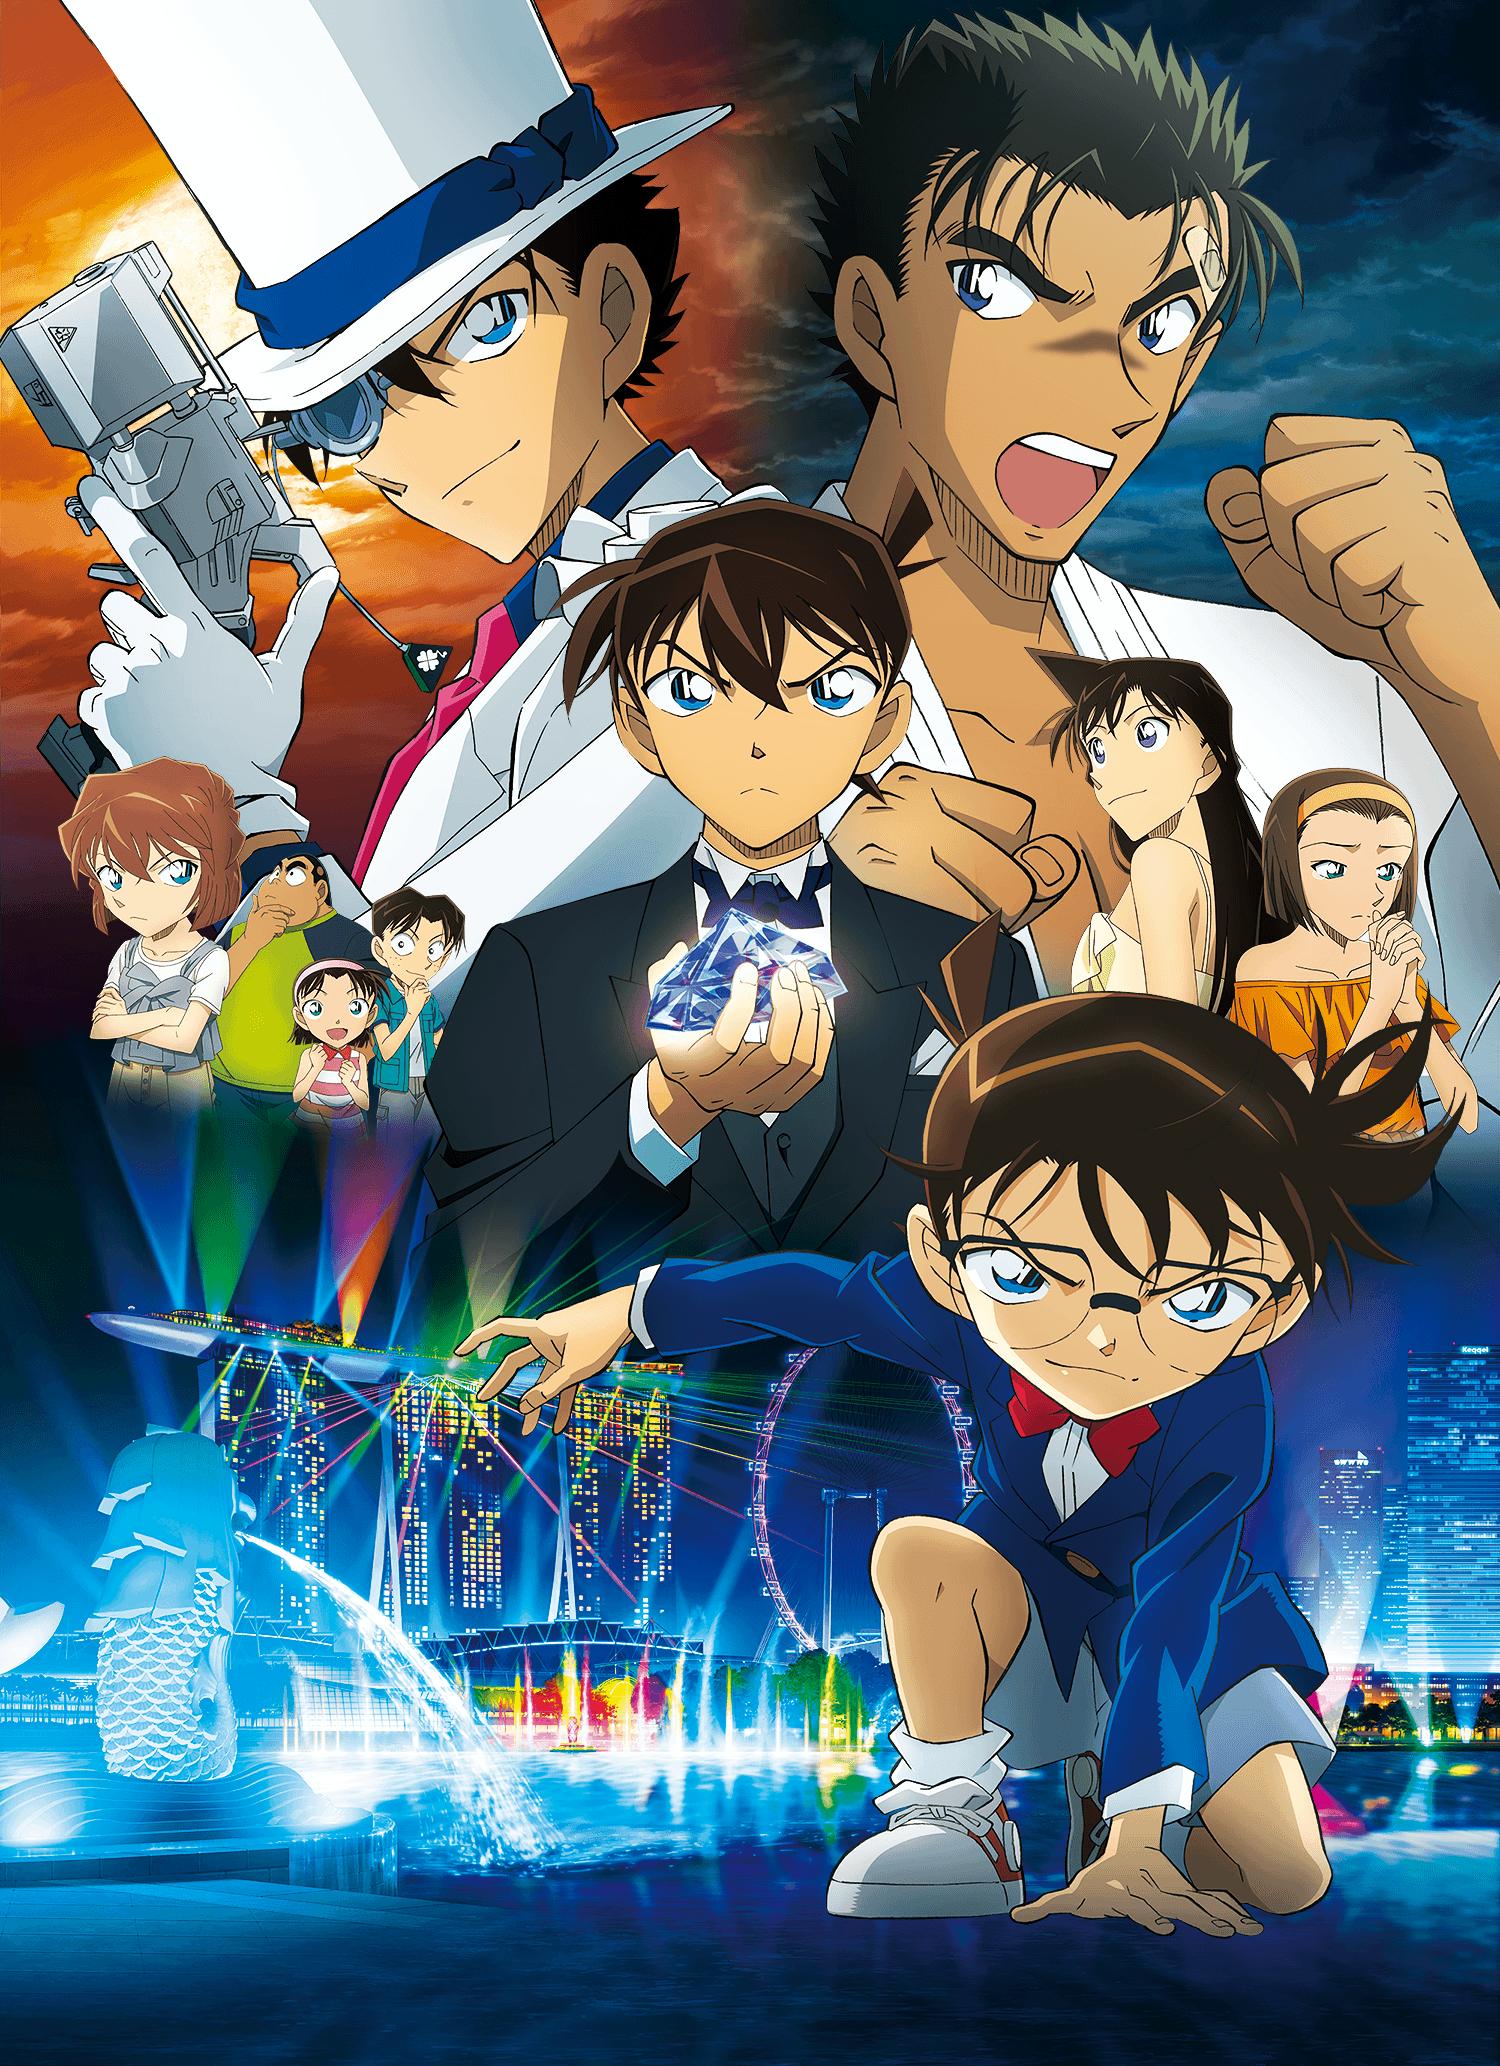 90 件 Movies 劇場版 Detective Conan 名探偵コナン おすすめの画像 名探偵コナン コナン 探偵